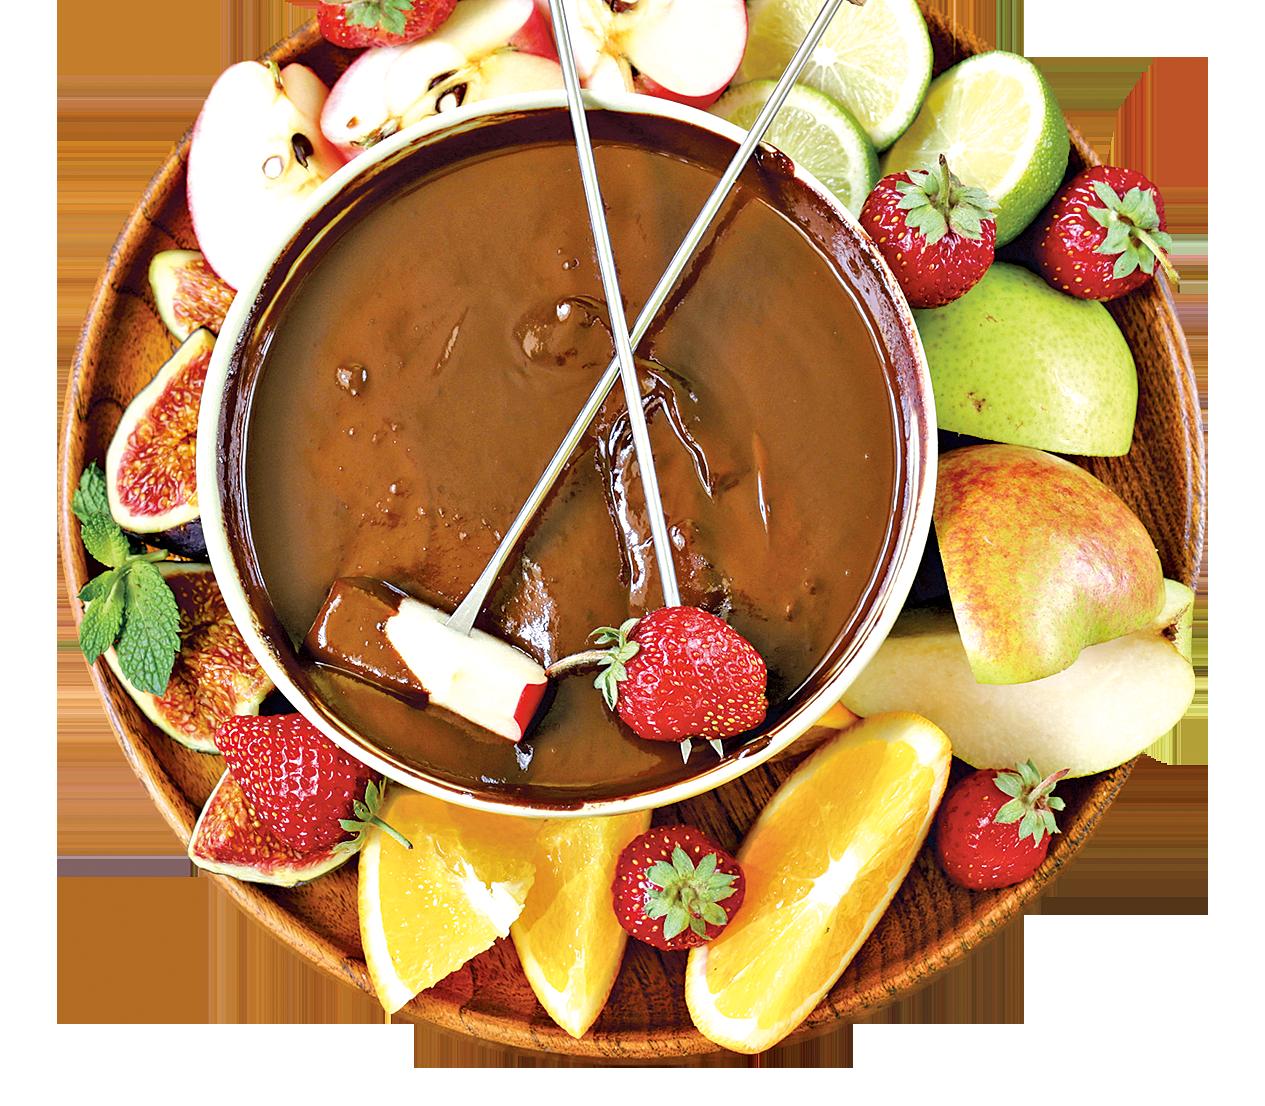 情人節應景 溫暖甜蜜的朱古力鍋